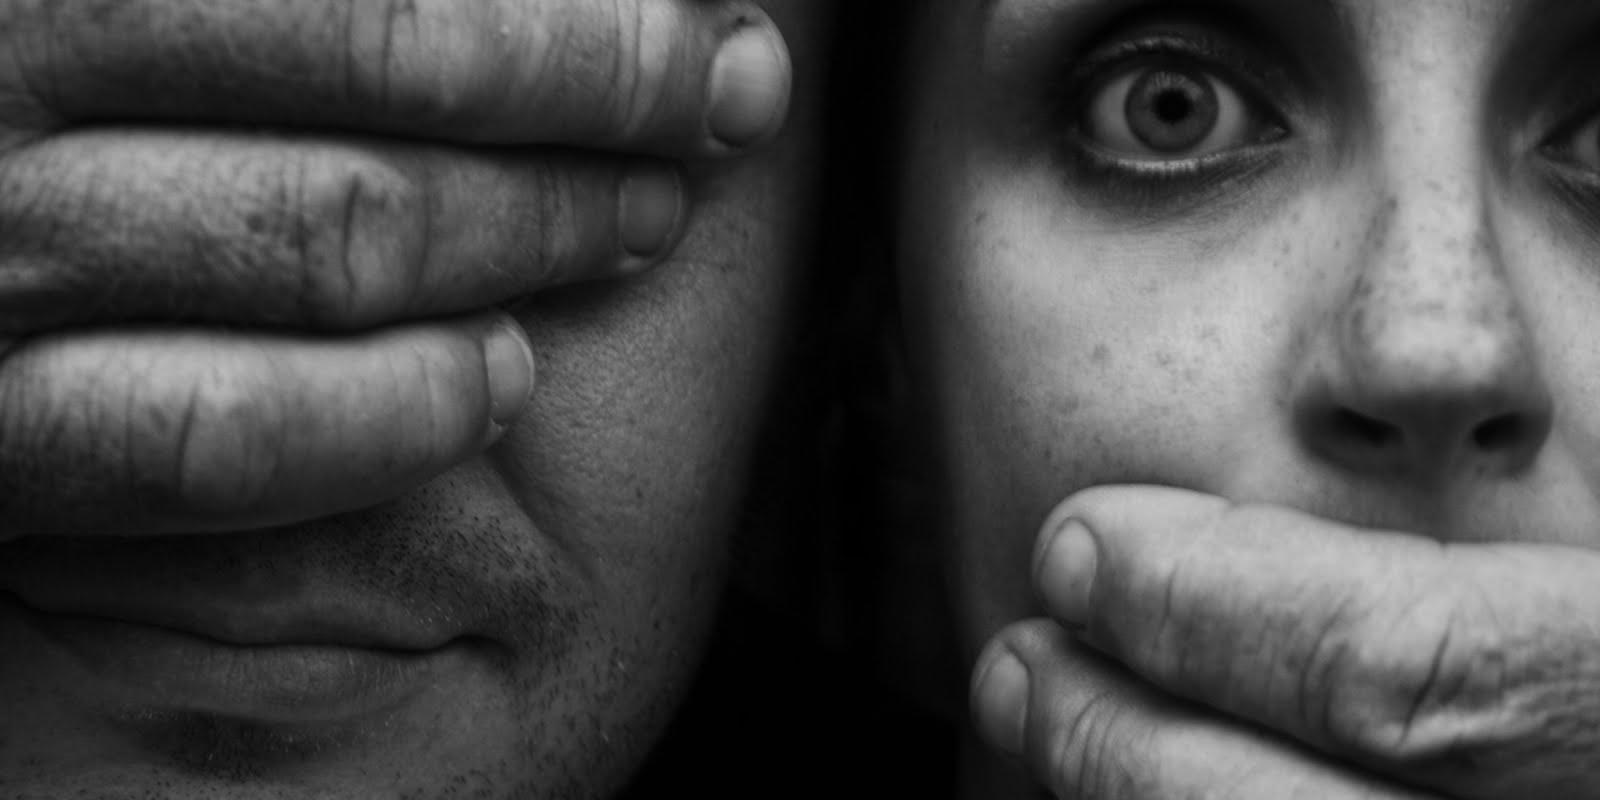 Βίασε δεκατριάχρονο κορίτσι και δεν πήγε φυλακή γιατί ήταν Μουσουλμάνος